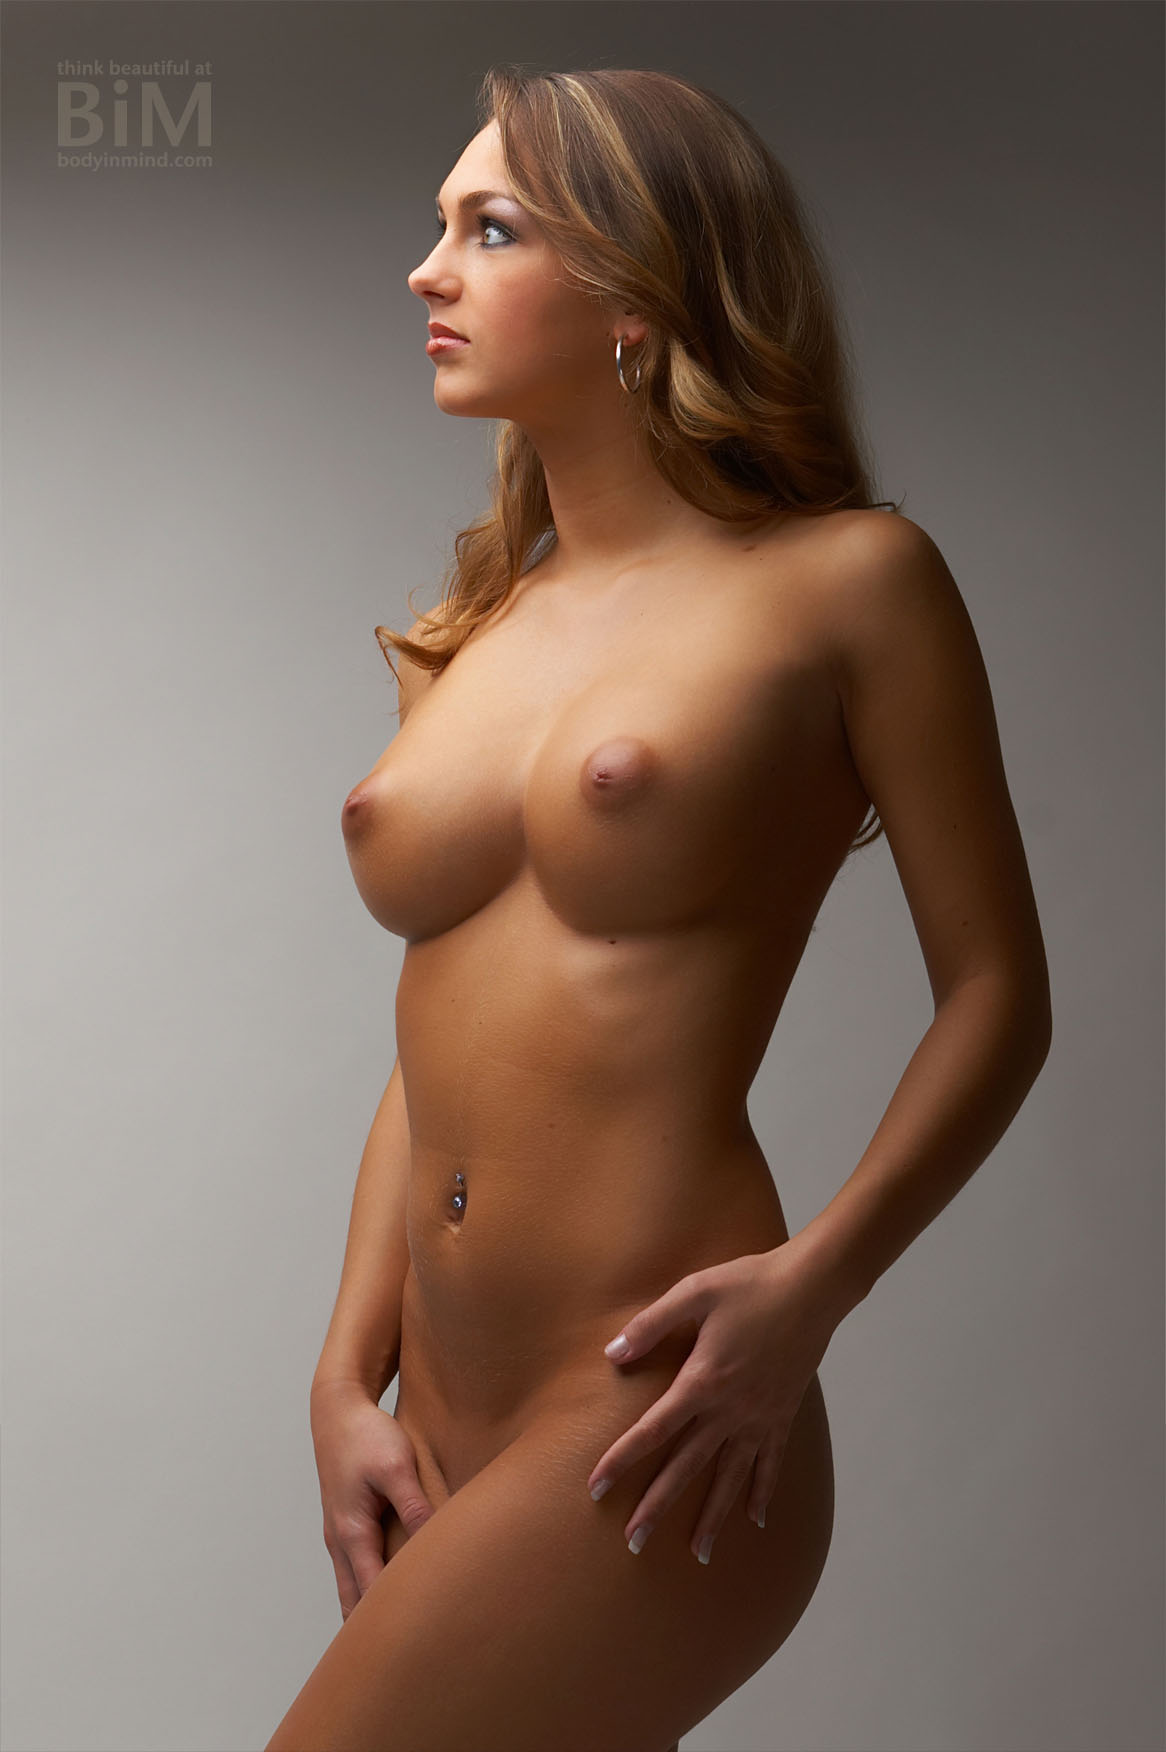 monika bedy naked body pics